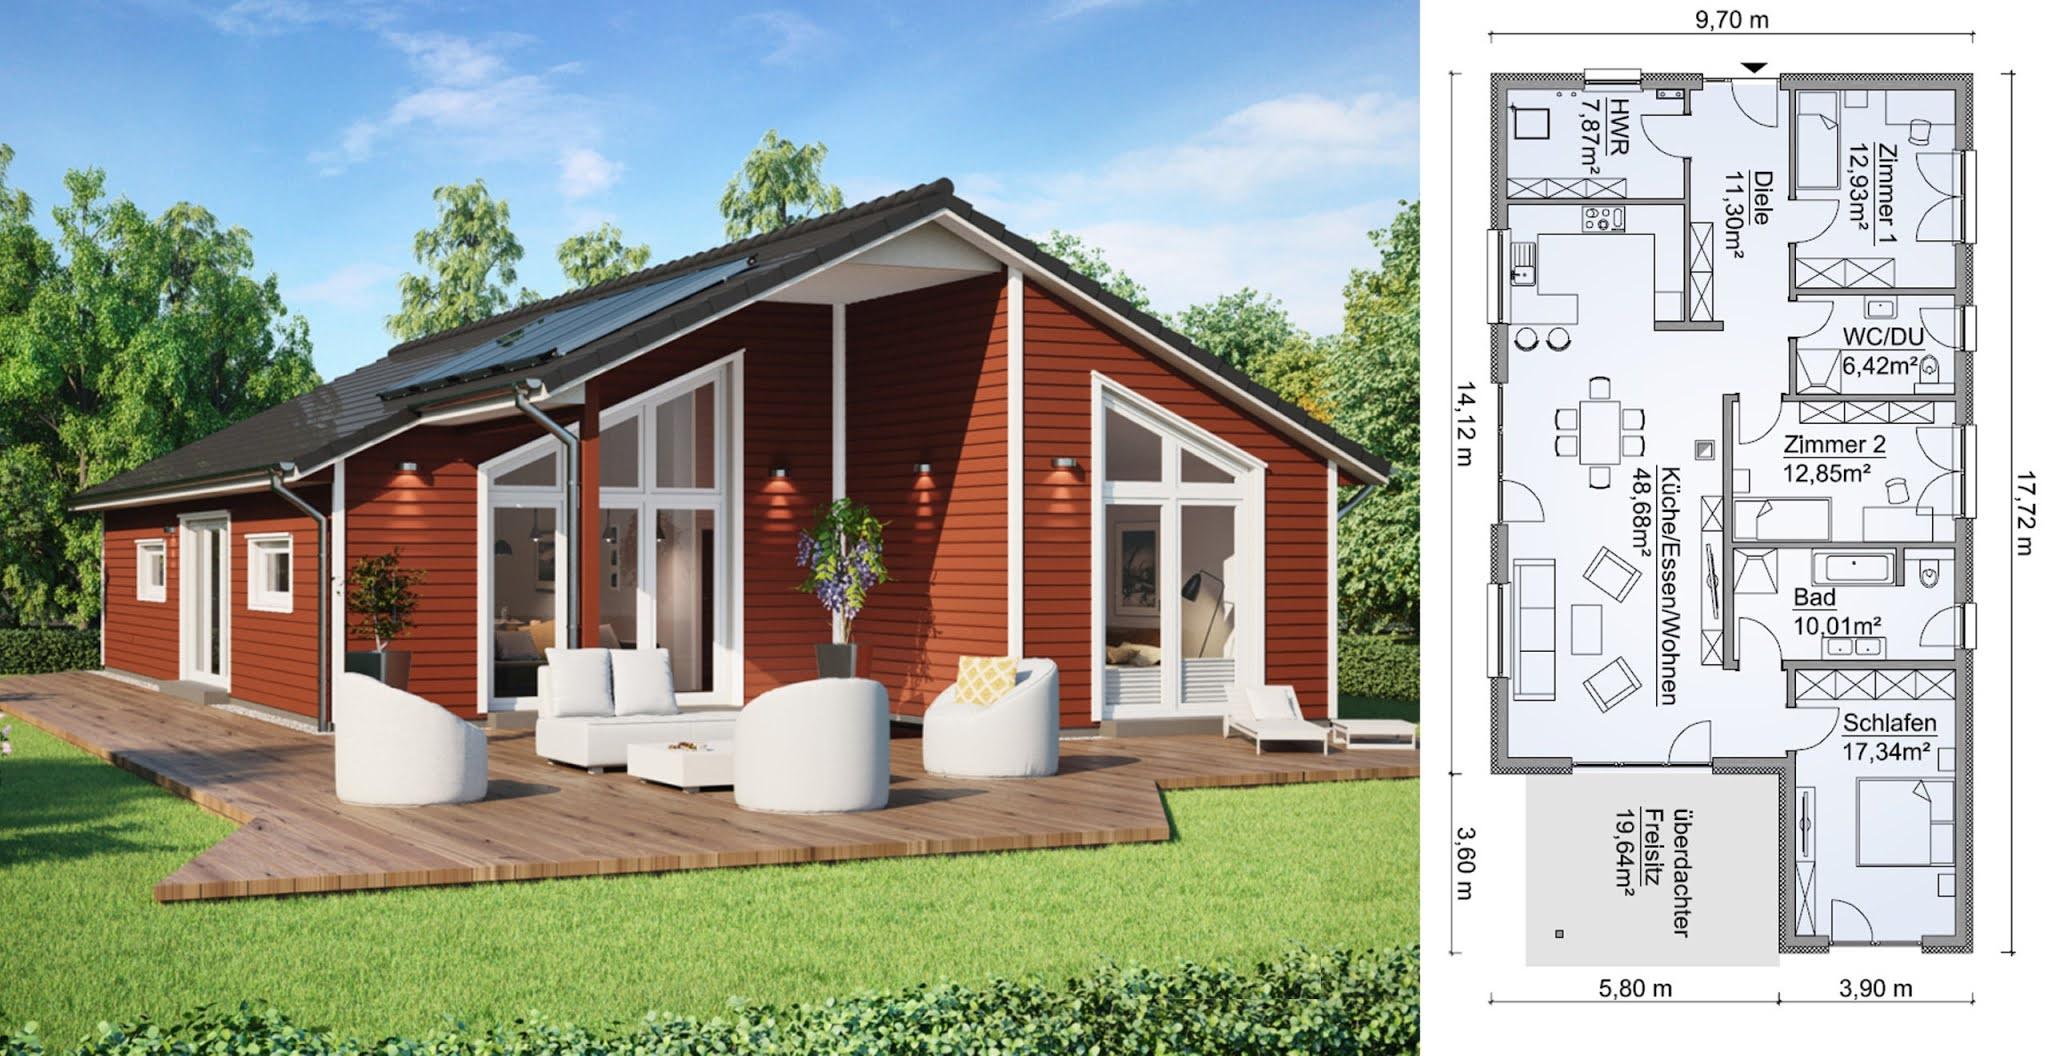 Plan De Maison Plan Maison Prefabriquee Plans 9